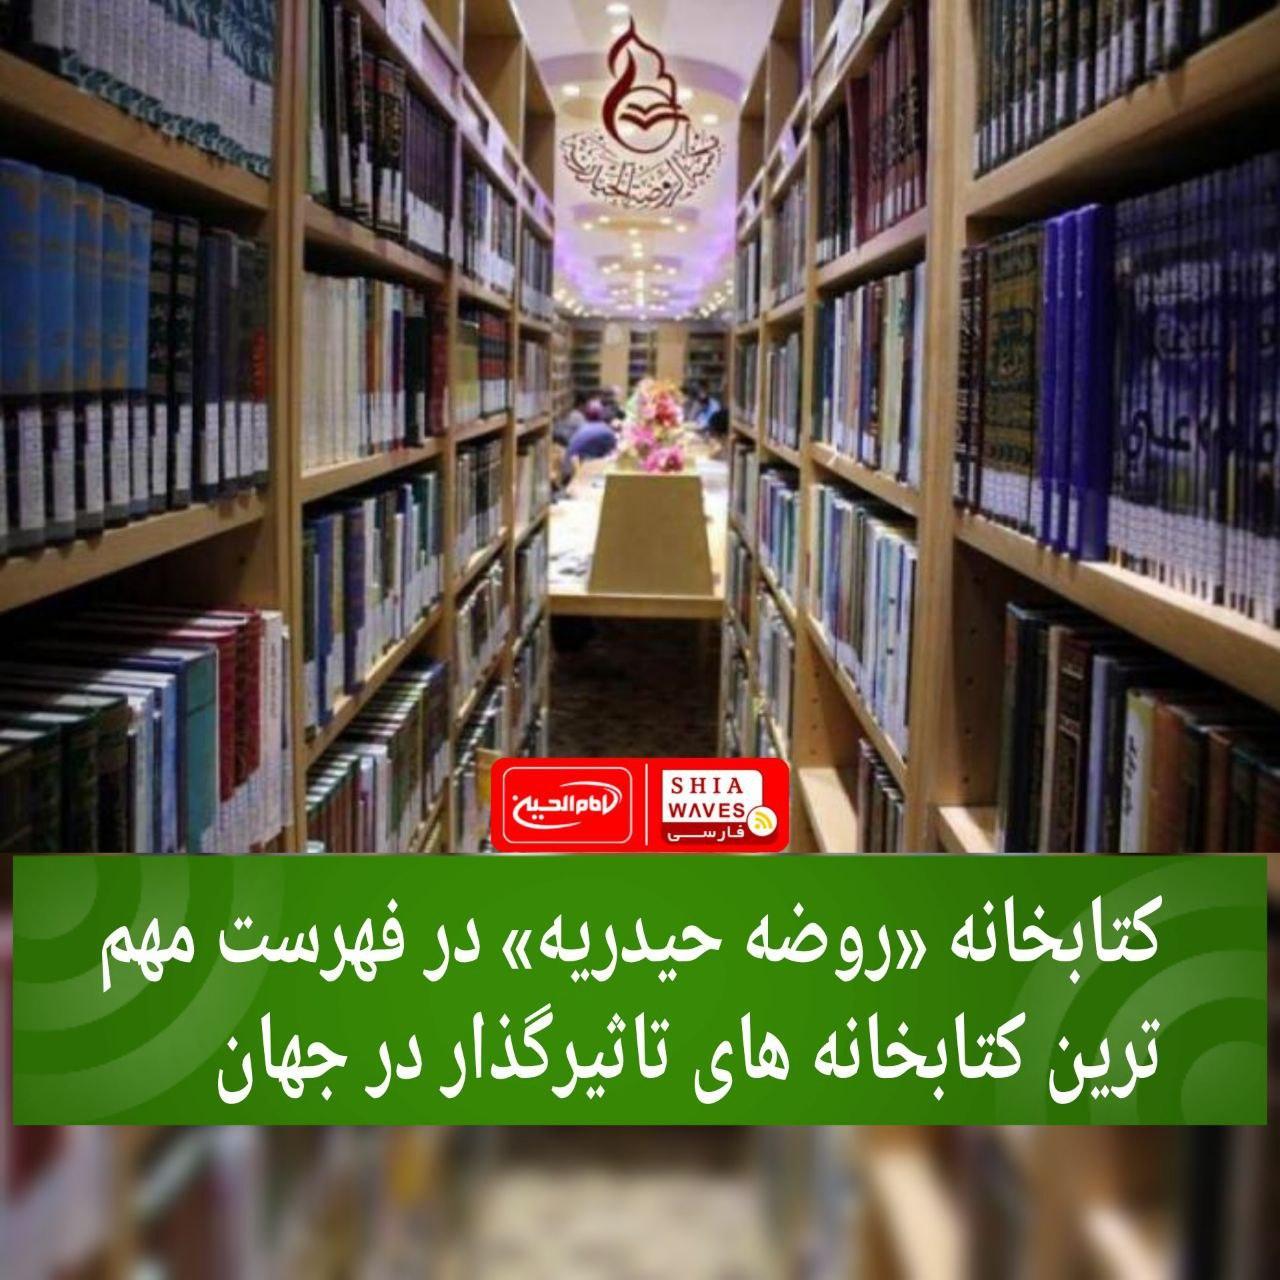 تصویر کتابخانه «روضه حیدریه» در فهرست مهم ترین کتابخانه های تاثیرگذار در جهان